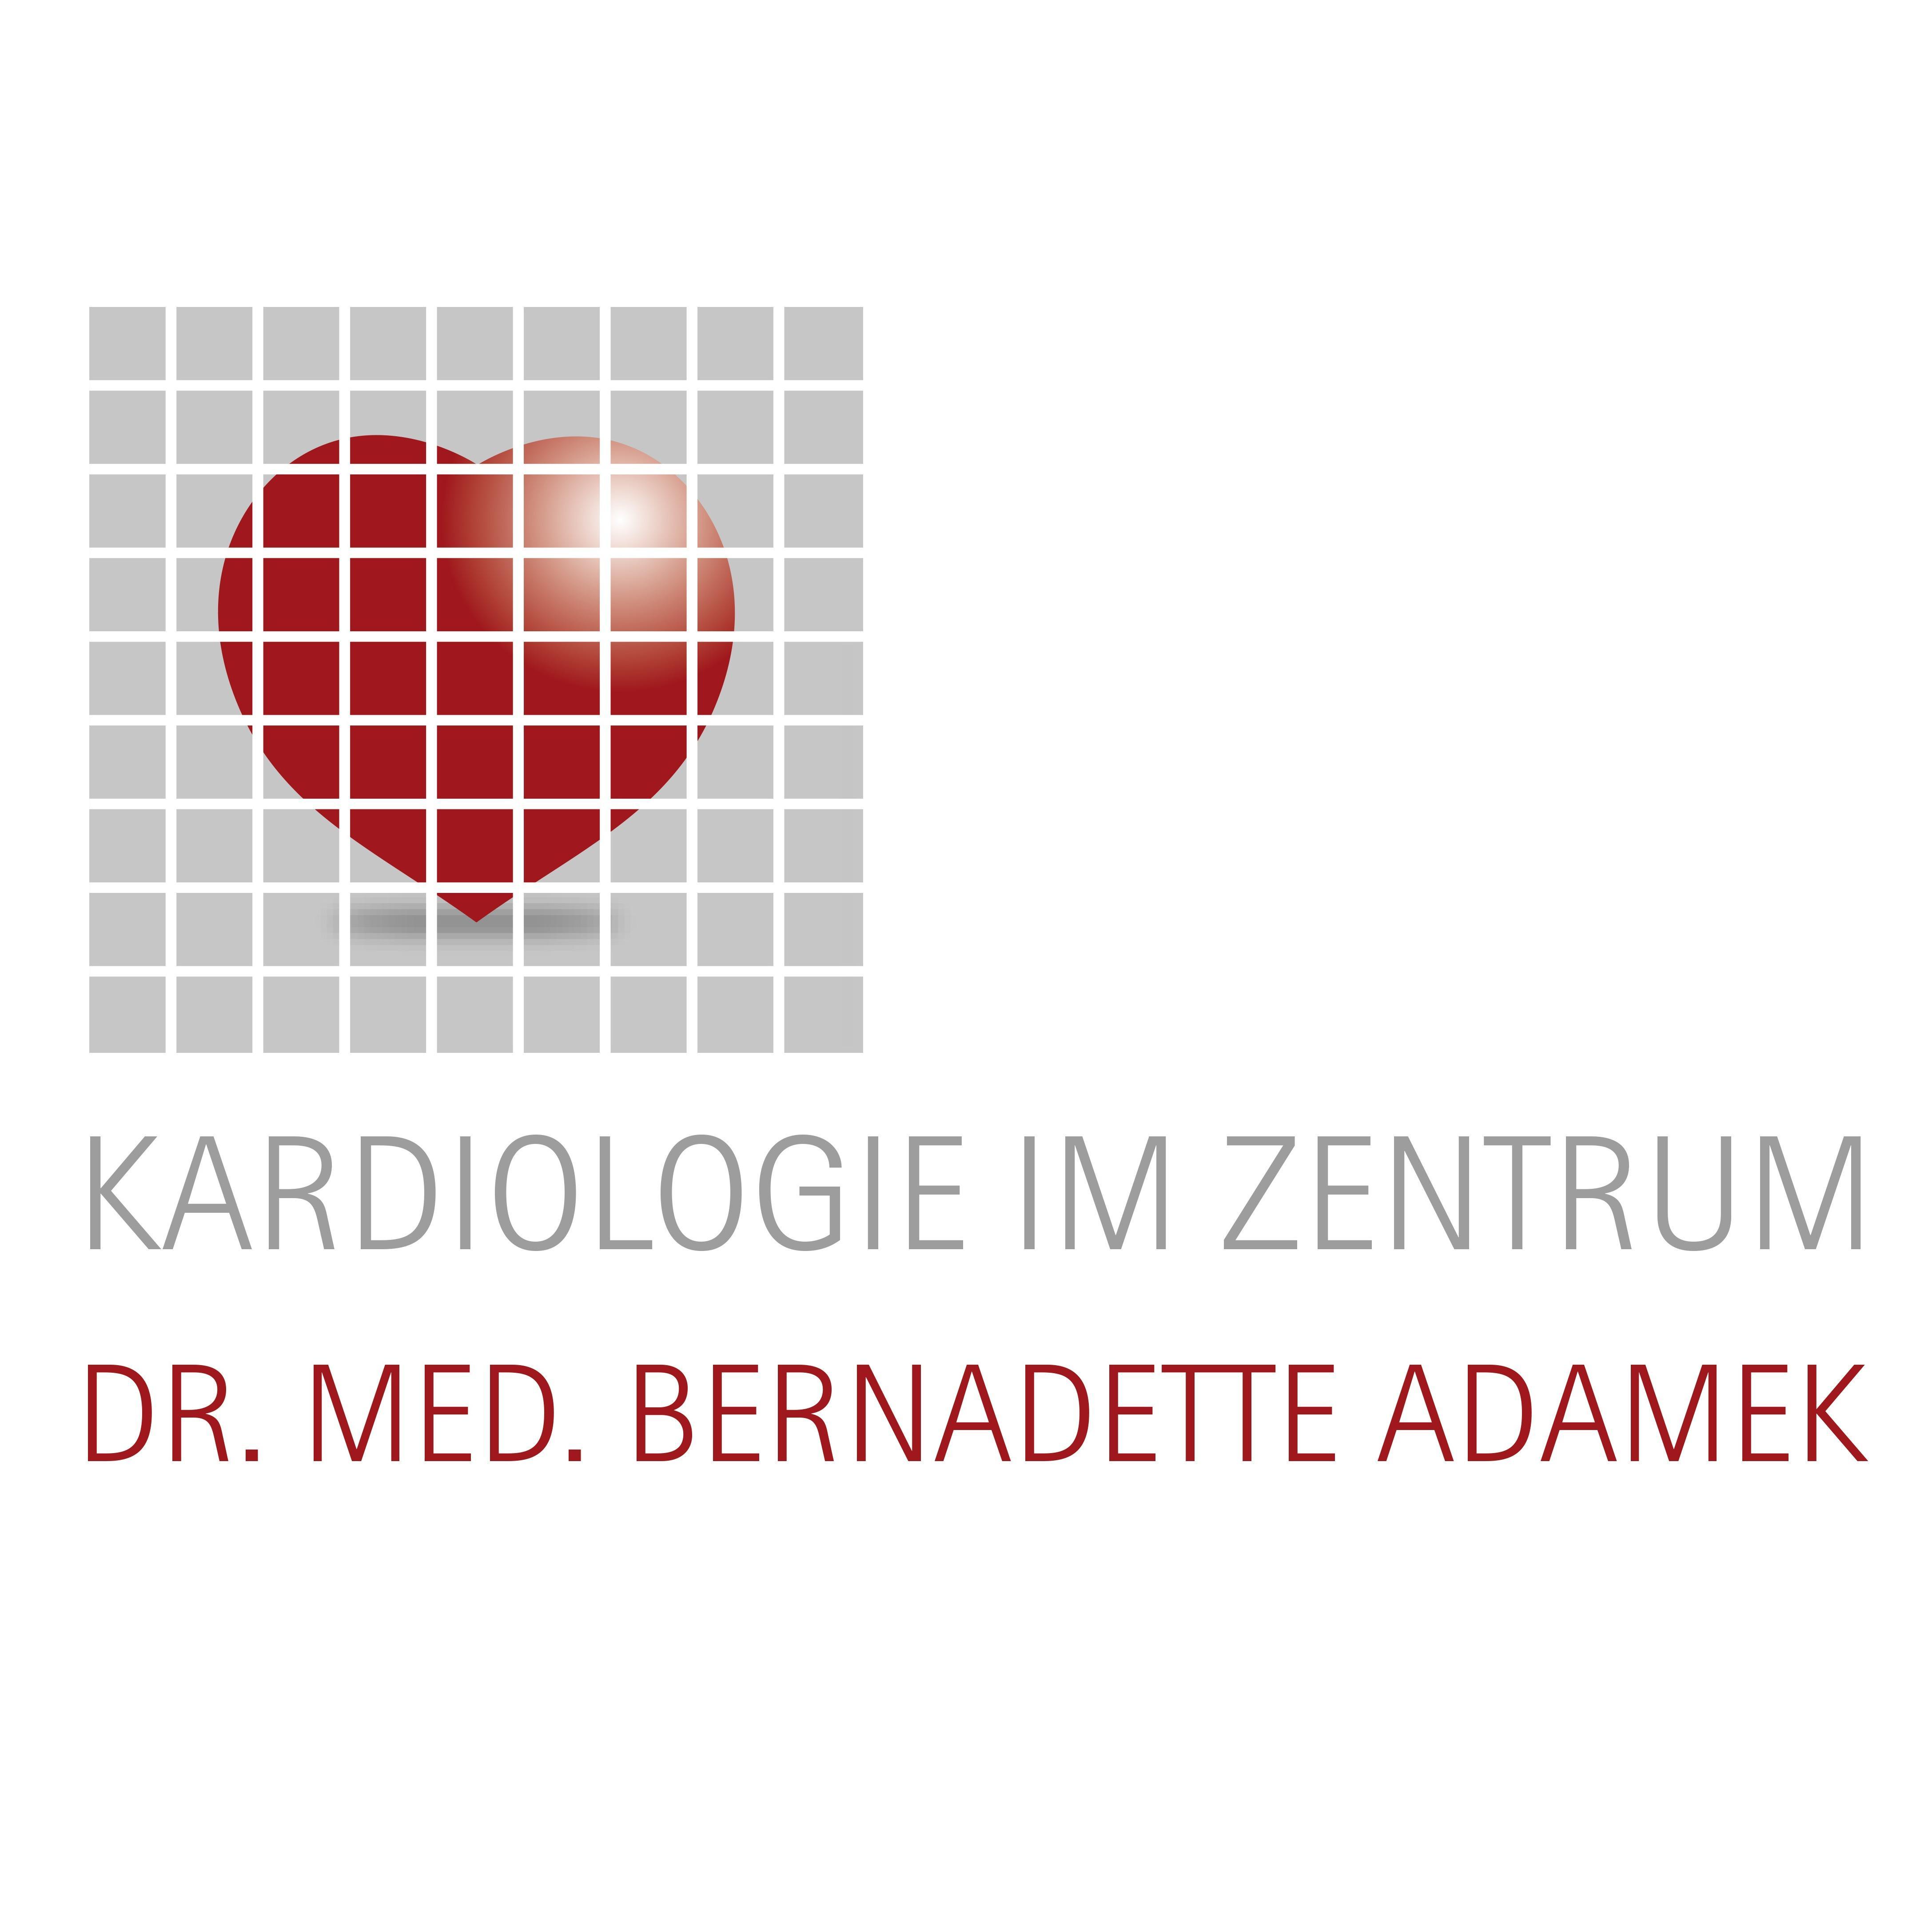 Bild zu Kardiologie im Zentrum Dr. Bernadette Adamek in Düsseldorf